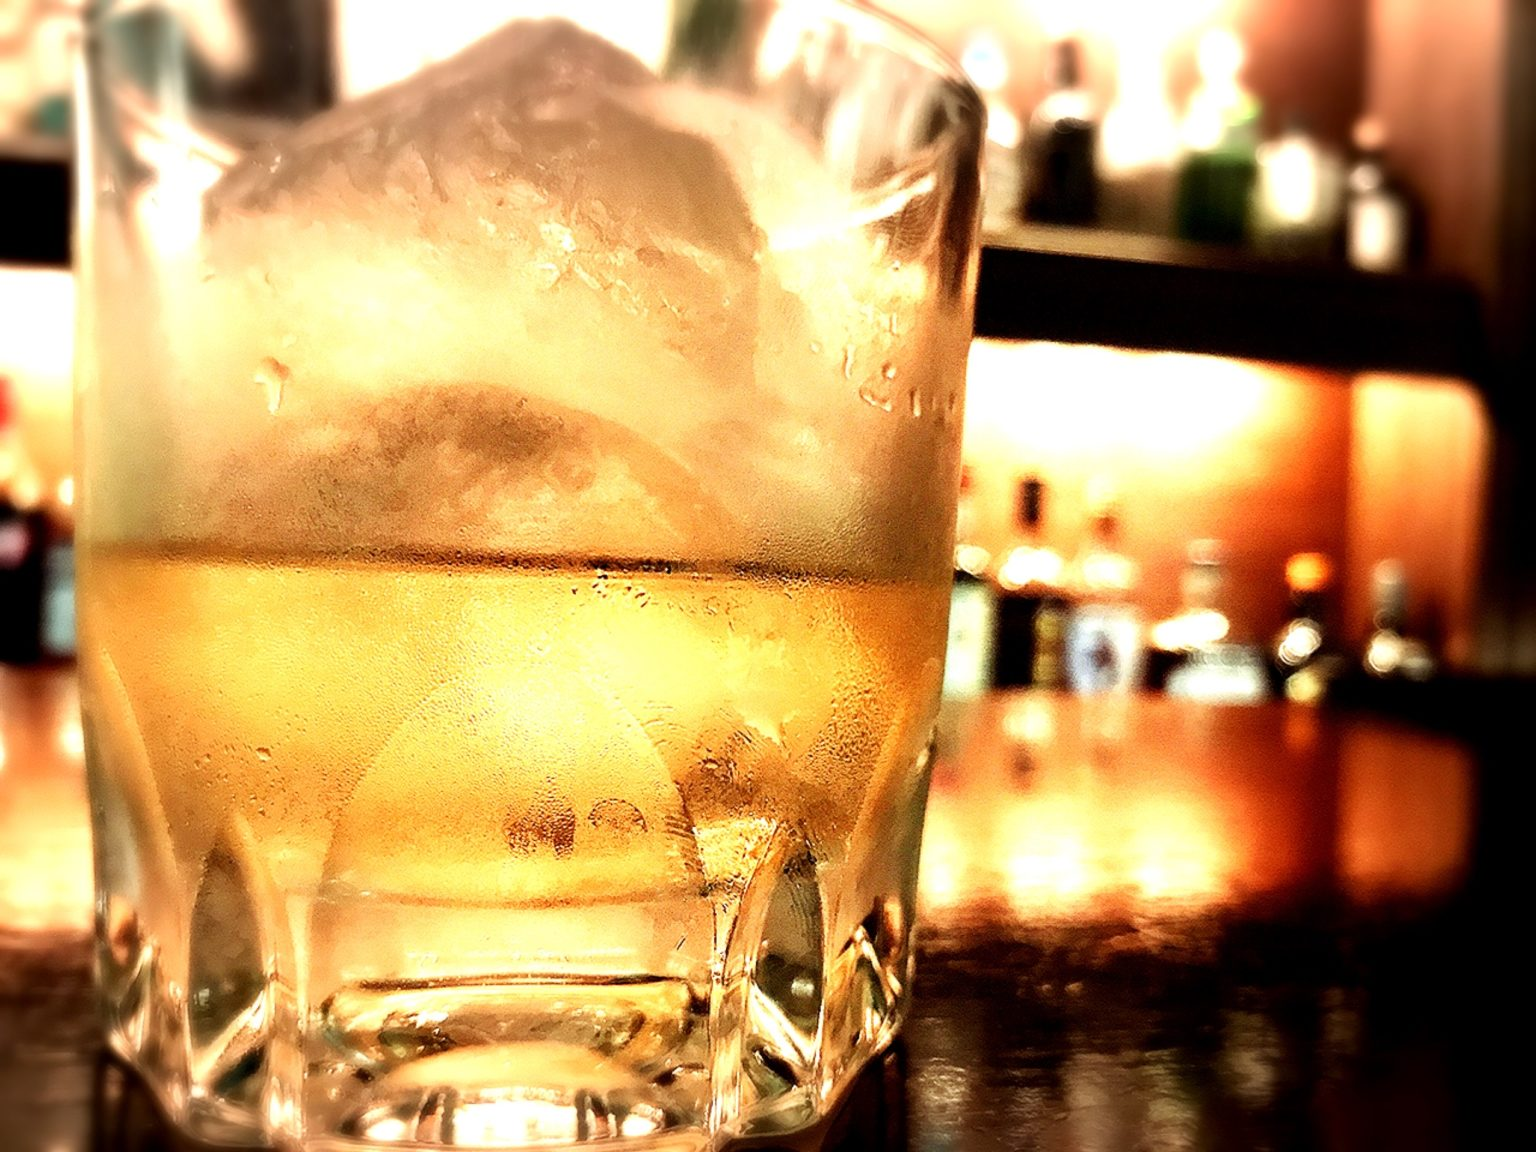 ウィスキーの飲み方まとめ 宅飲みでもロックやハイボールだけじゃ物足りない